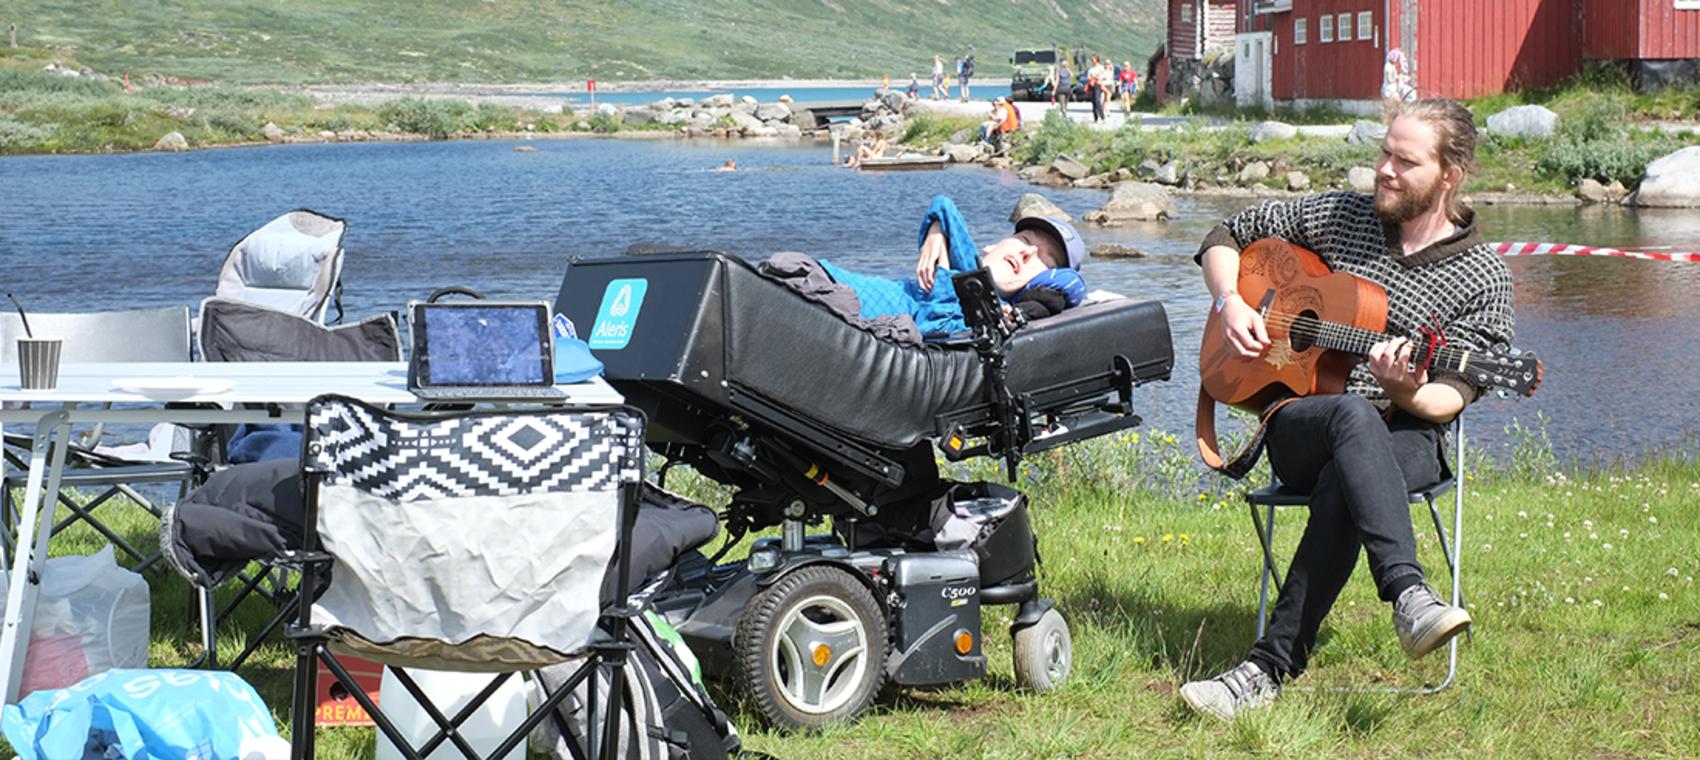 Assistenten fra Stendi spiller for mann i rullestol